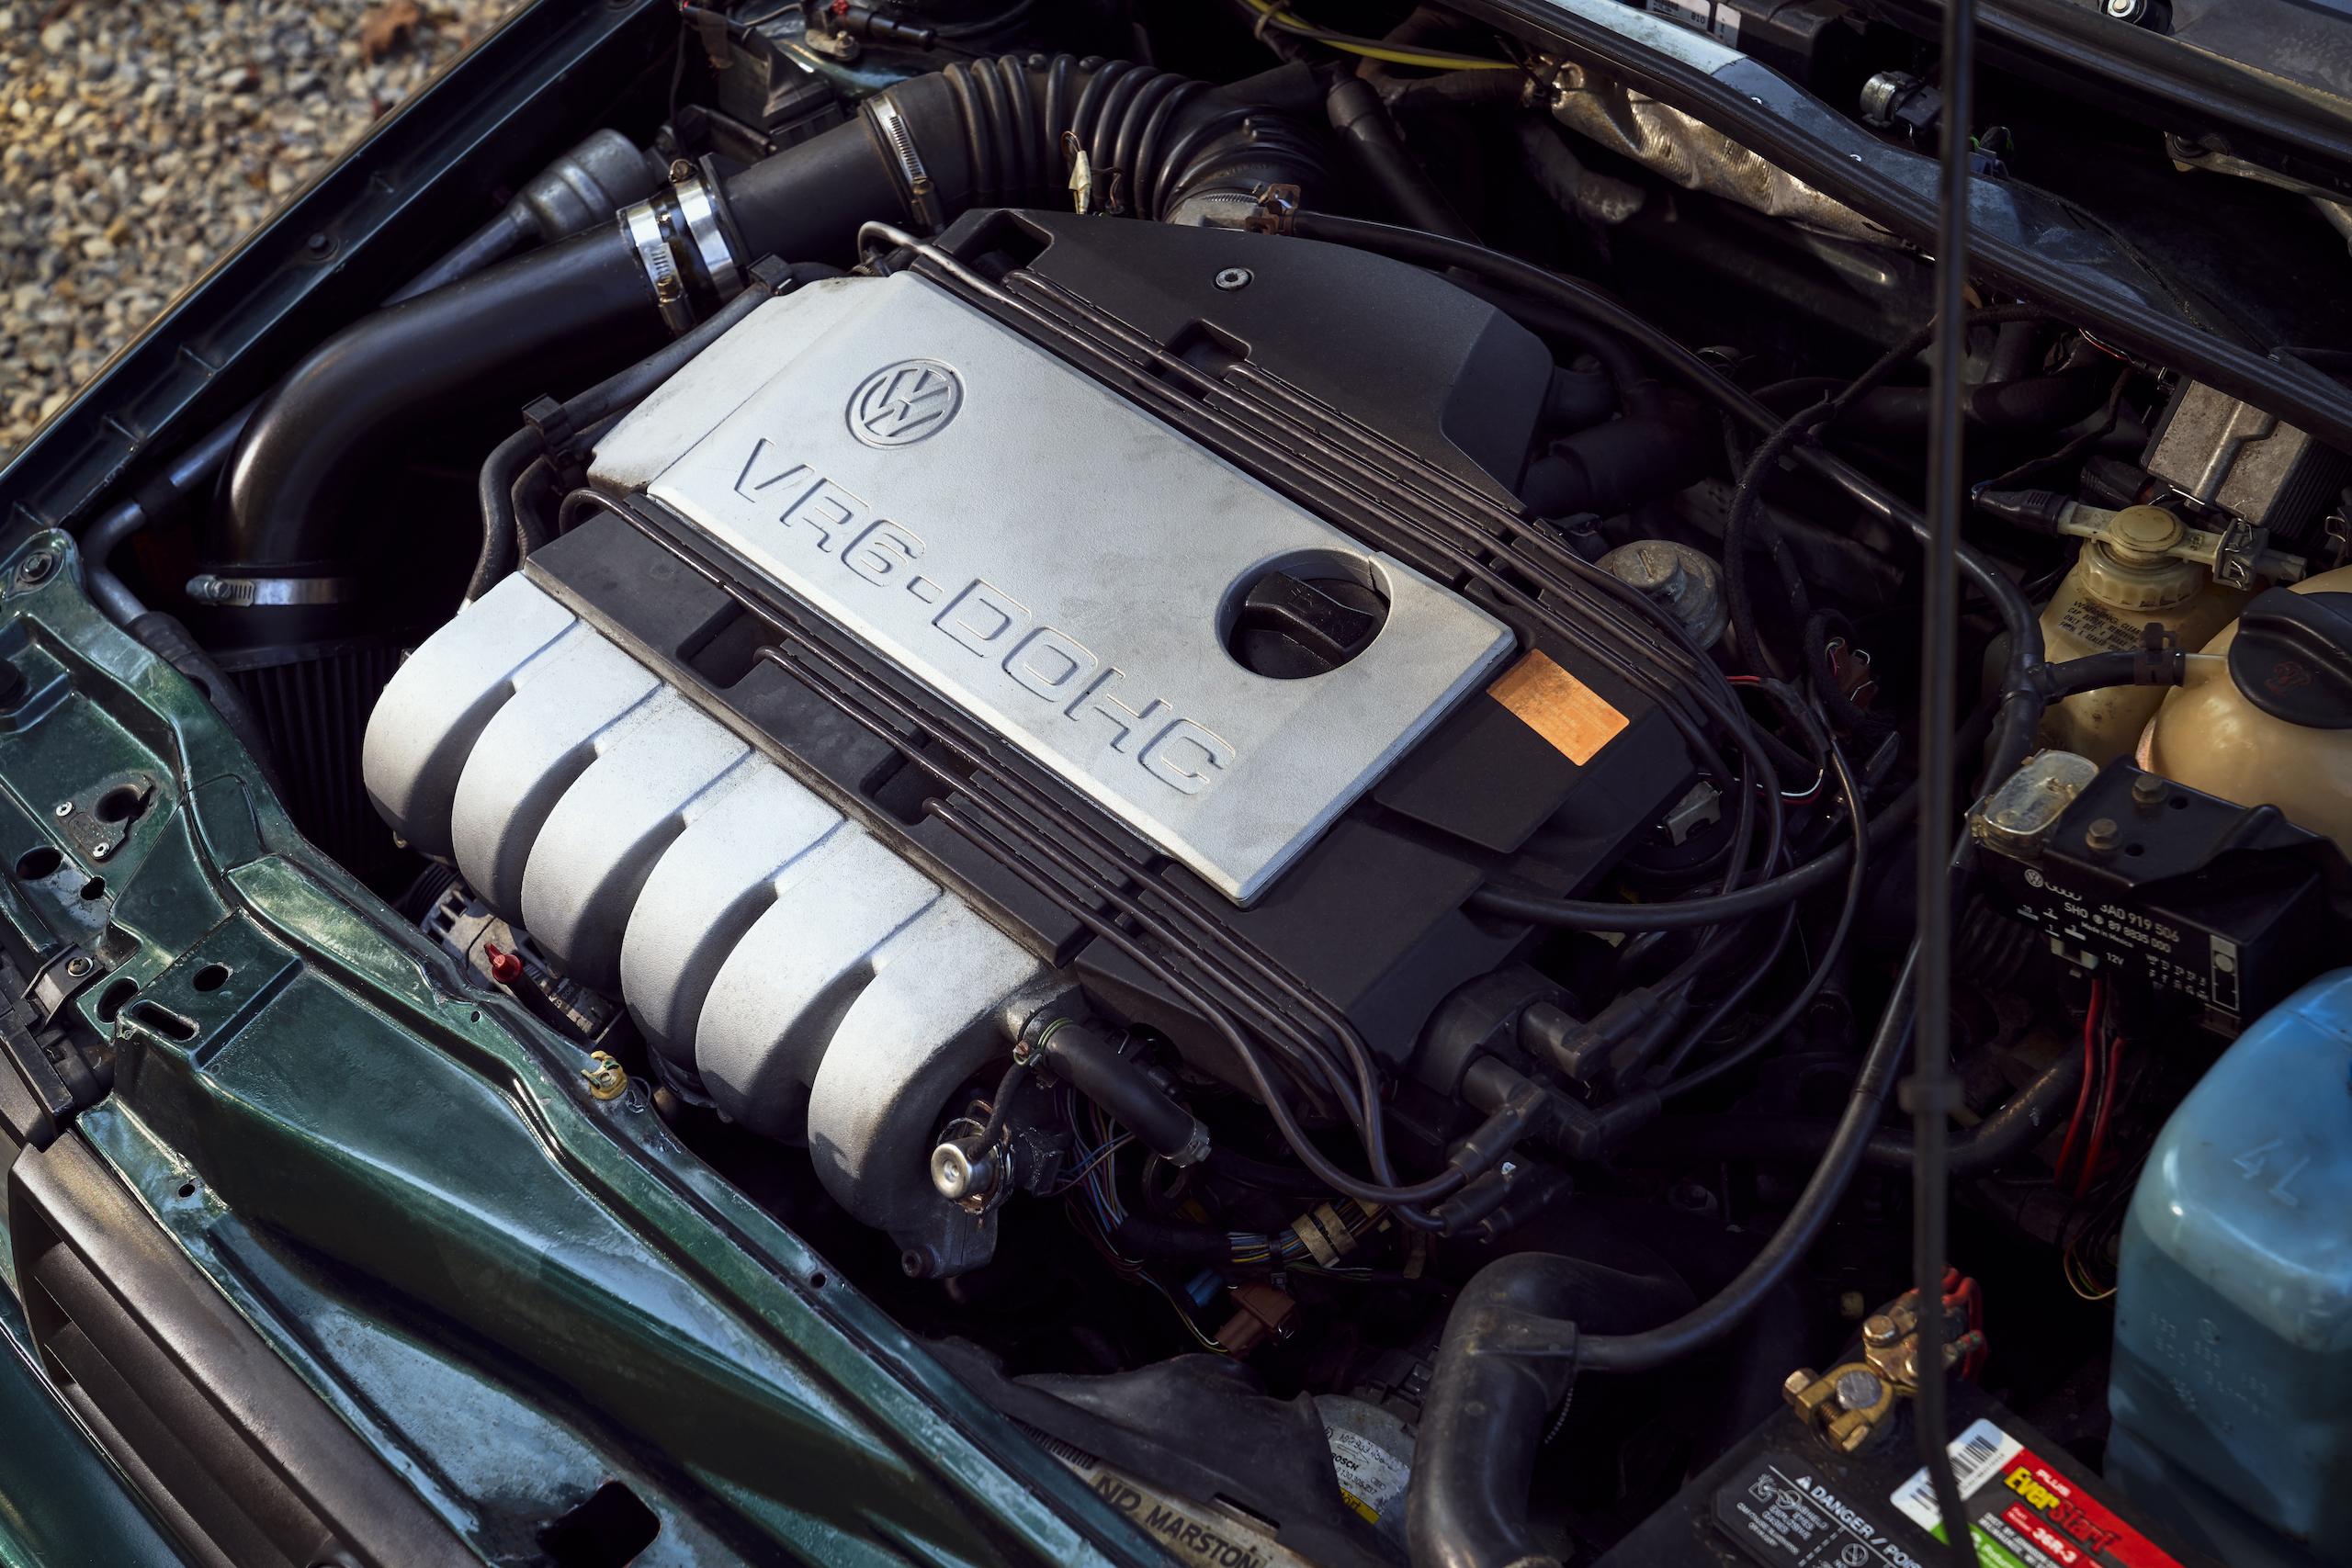 Volkswagen VW Corrado engine